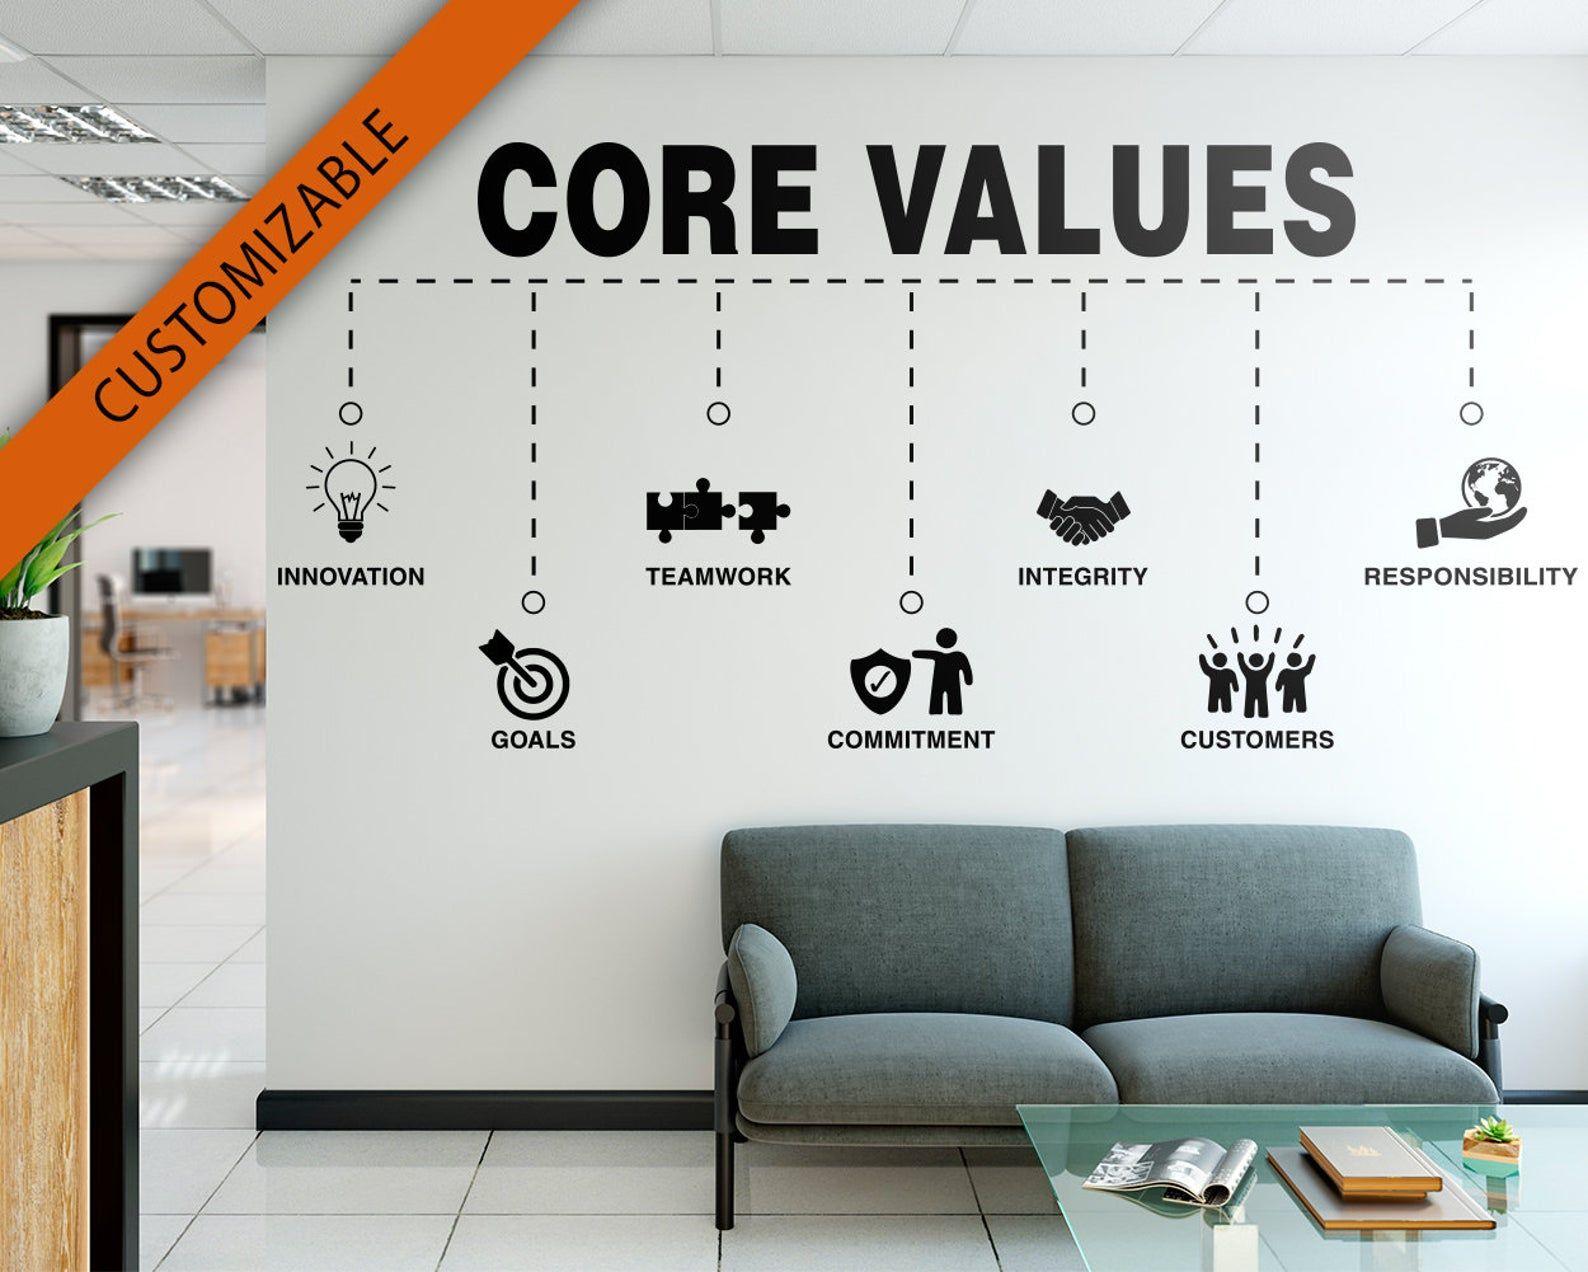 Kernwerte, Büro, unsere Werte, motivierend, inspirierend